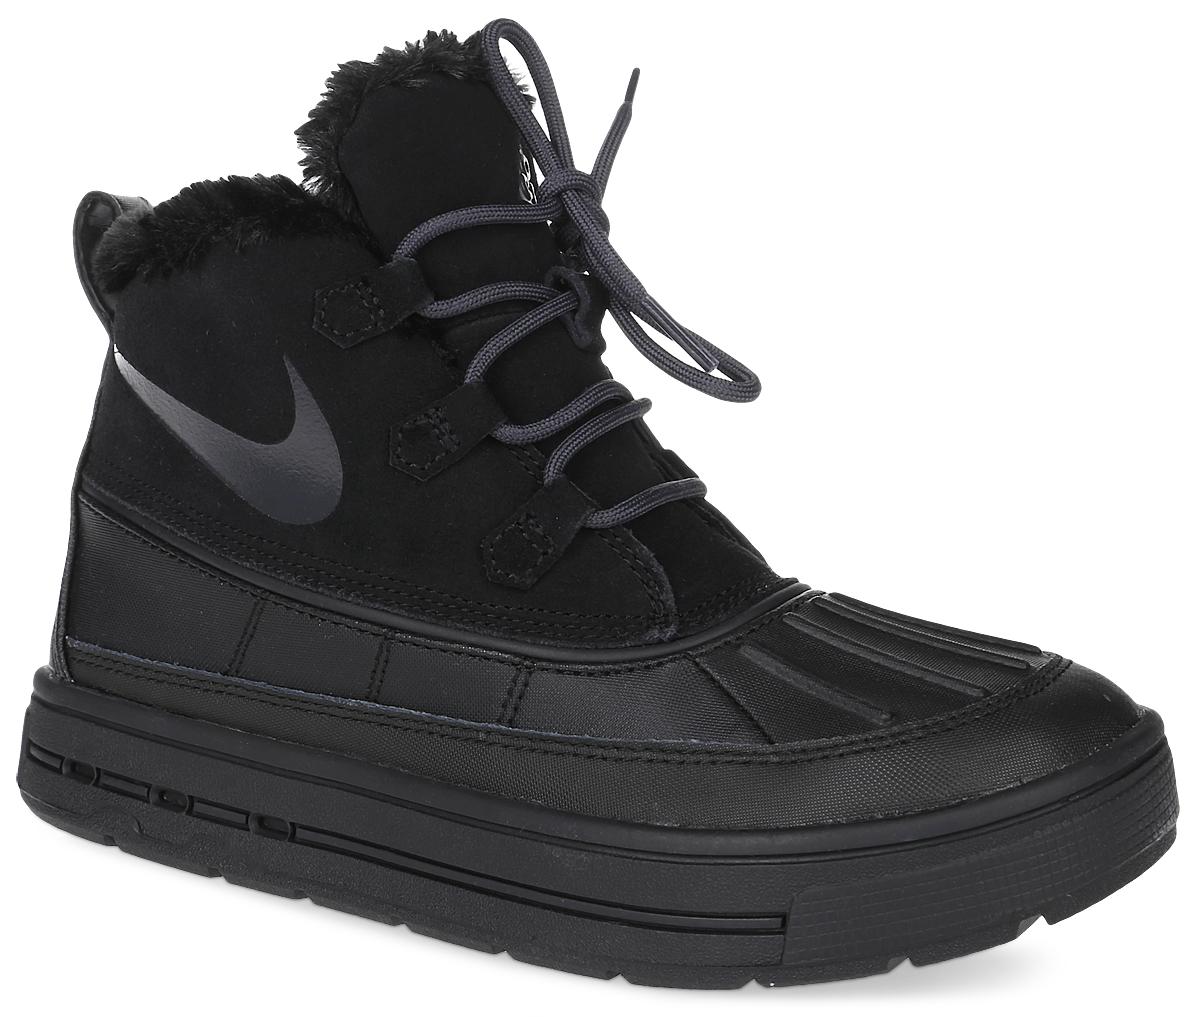 Ботинки859425-001Ботинки Nike Woodside Chukka 2 выполнены из сочетания искусственной и натуральной кожи, дополнена резиновой вставкой. Подкладка изготовлена из искусственного меха. Модель на шнуровке. Вставка phylon по всей длине подошвы обеспечивают мягкую амортизацию. Резиновая подошва оснащена протектором.